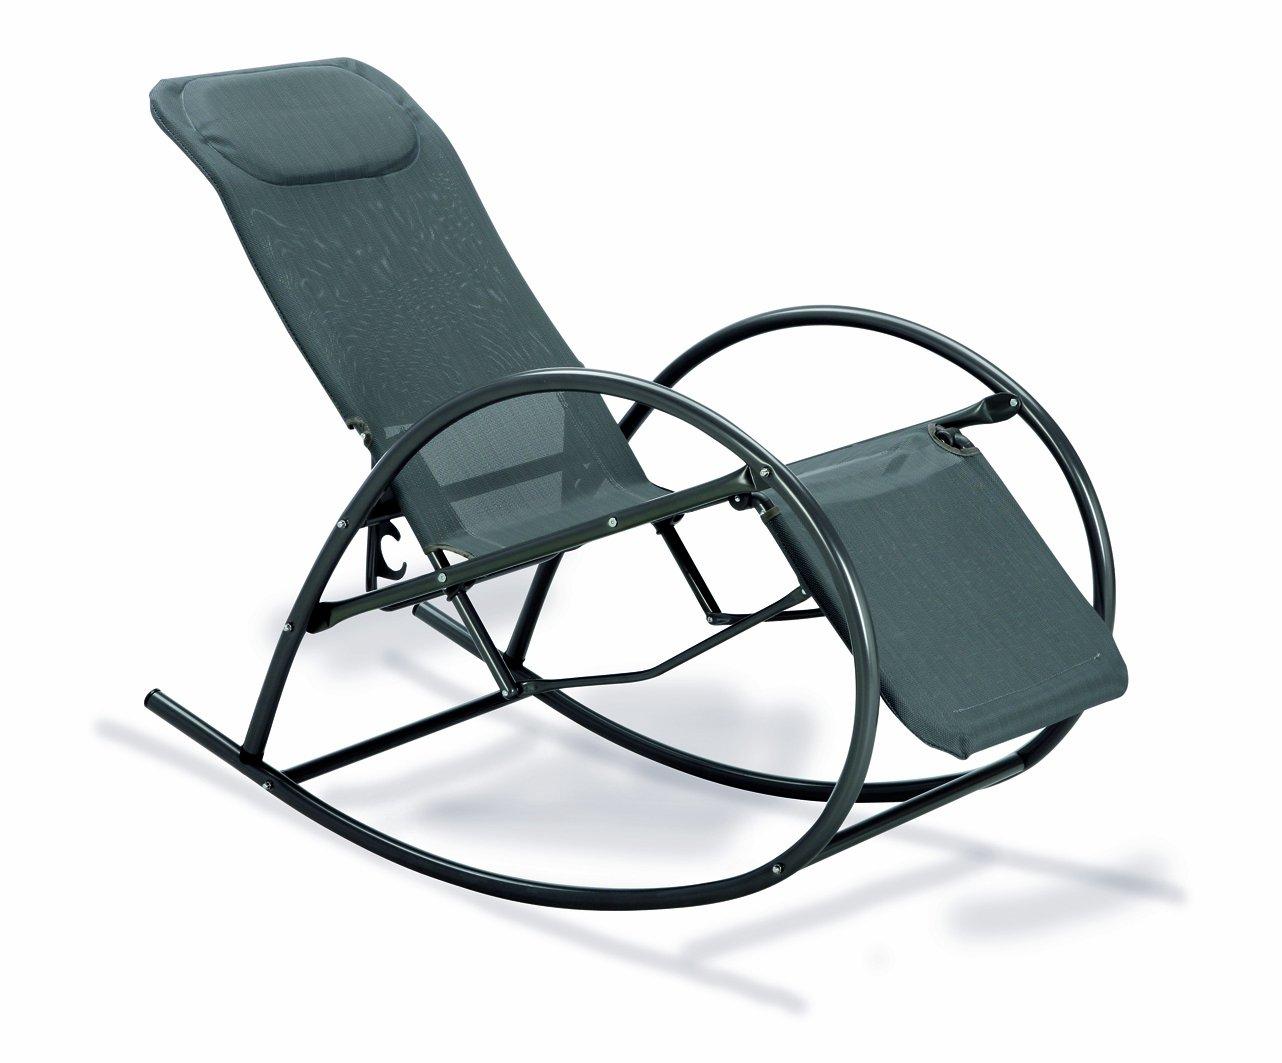 BEST 38470050 Relax-Schaukelstuhl Ancona, anthrazit günstig kaufen